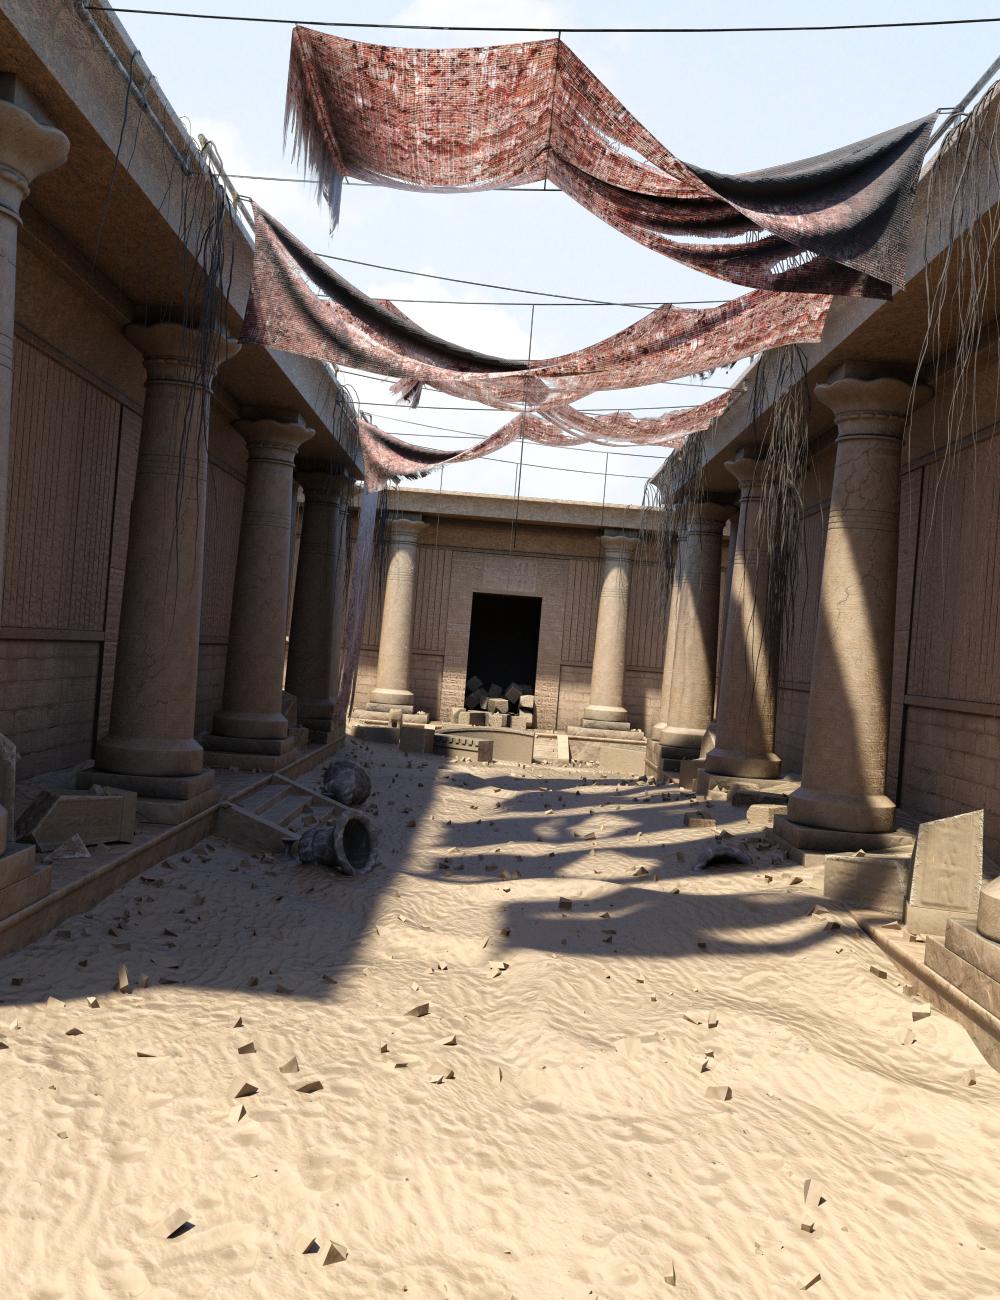 Pharaoh's Ruin by: Merlin Studios, 3D Models by Daz 3D